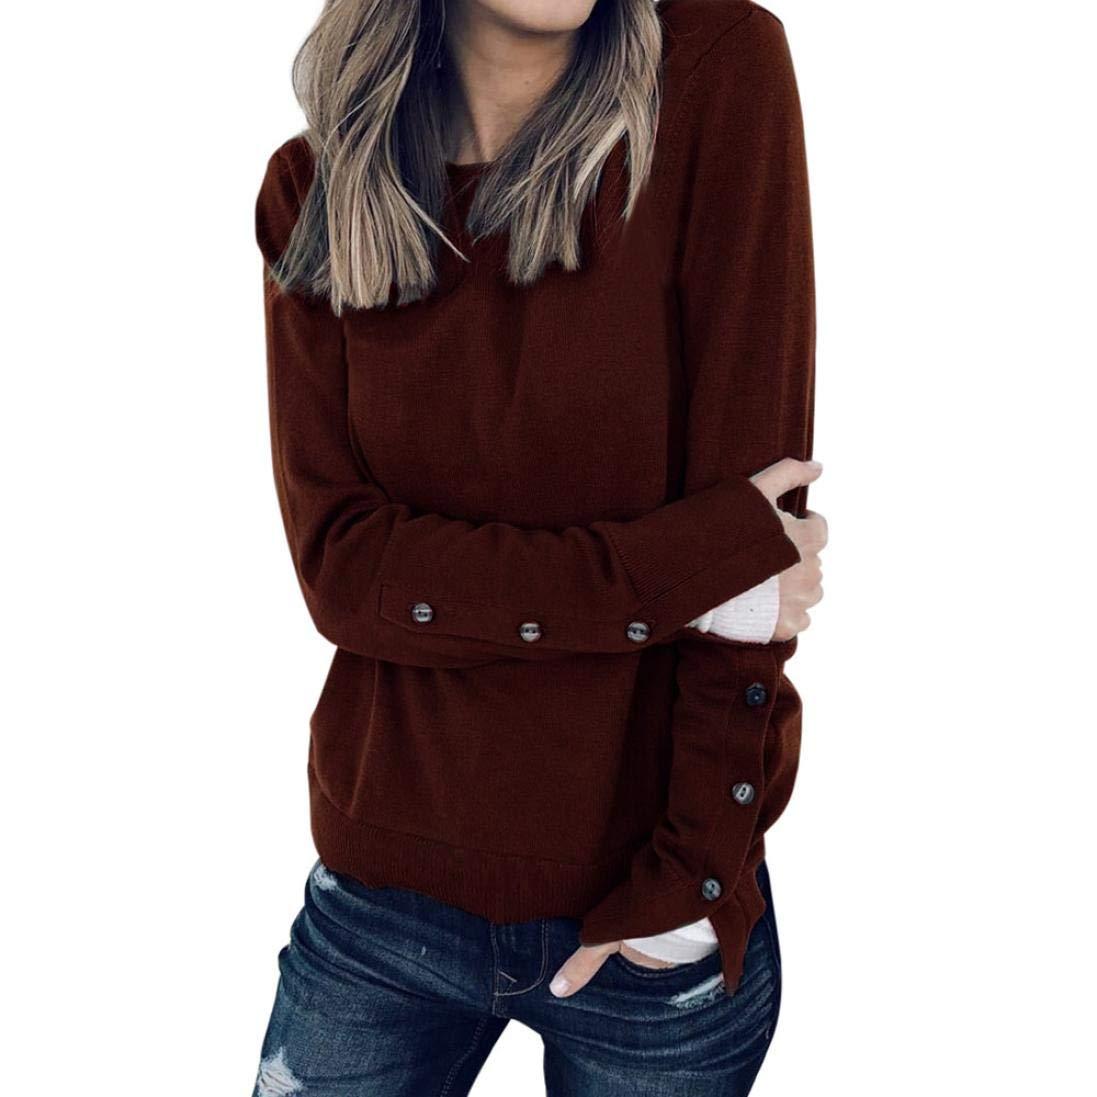 HWTOP Damen Oberteil Langarmshirt Hemd Bluse Streifen Pullover Aufdruck Sweatshirt V-Ausschnitt Tops Frauen Lose Top Sommer Freizeit Baumwolle Shirt Winter Warm Bleiben